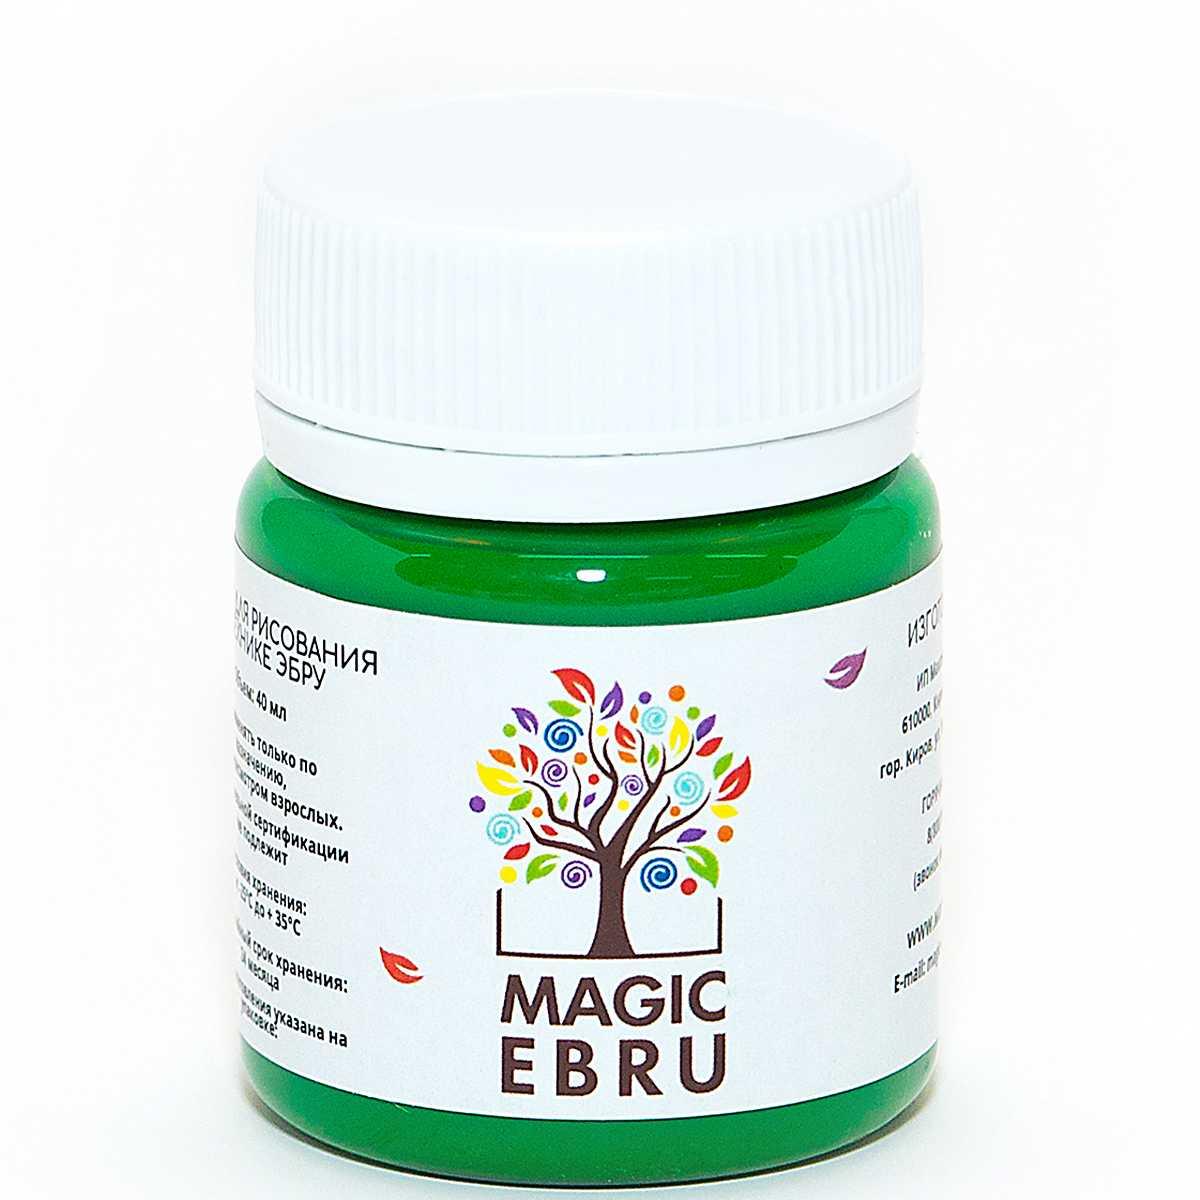 Купить Краска Magic EBRU 40 мл, салатовая, Россия